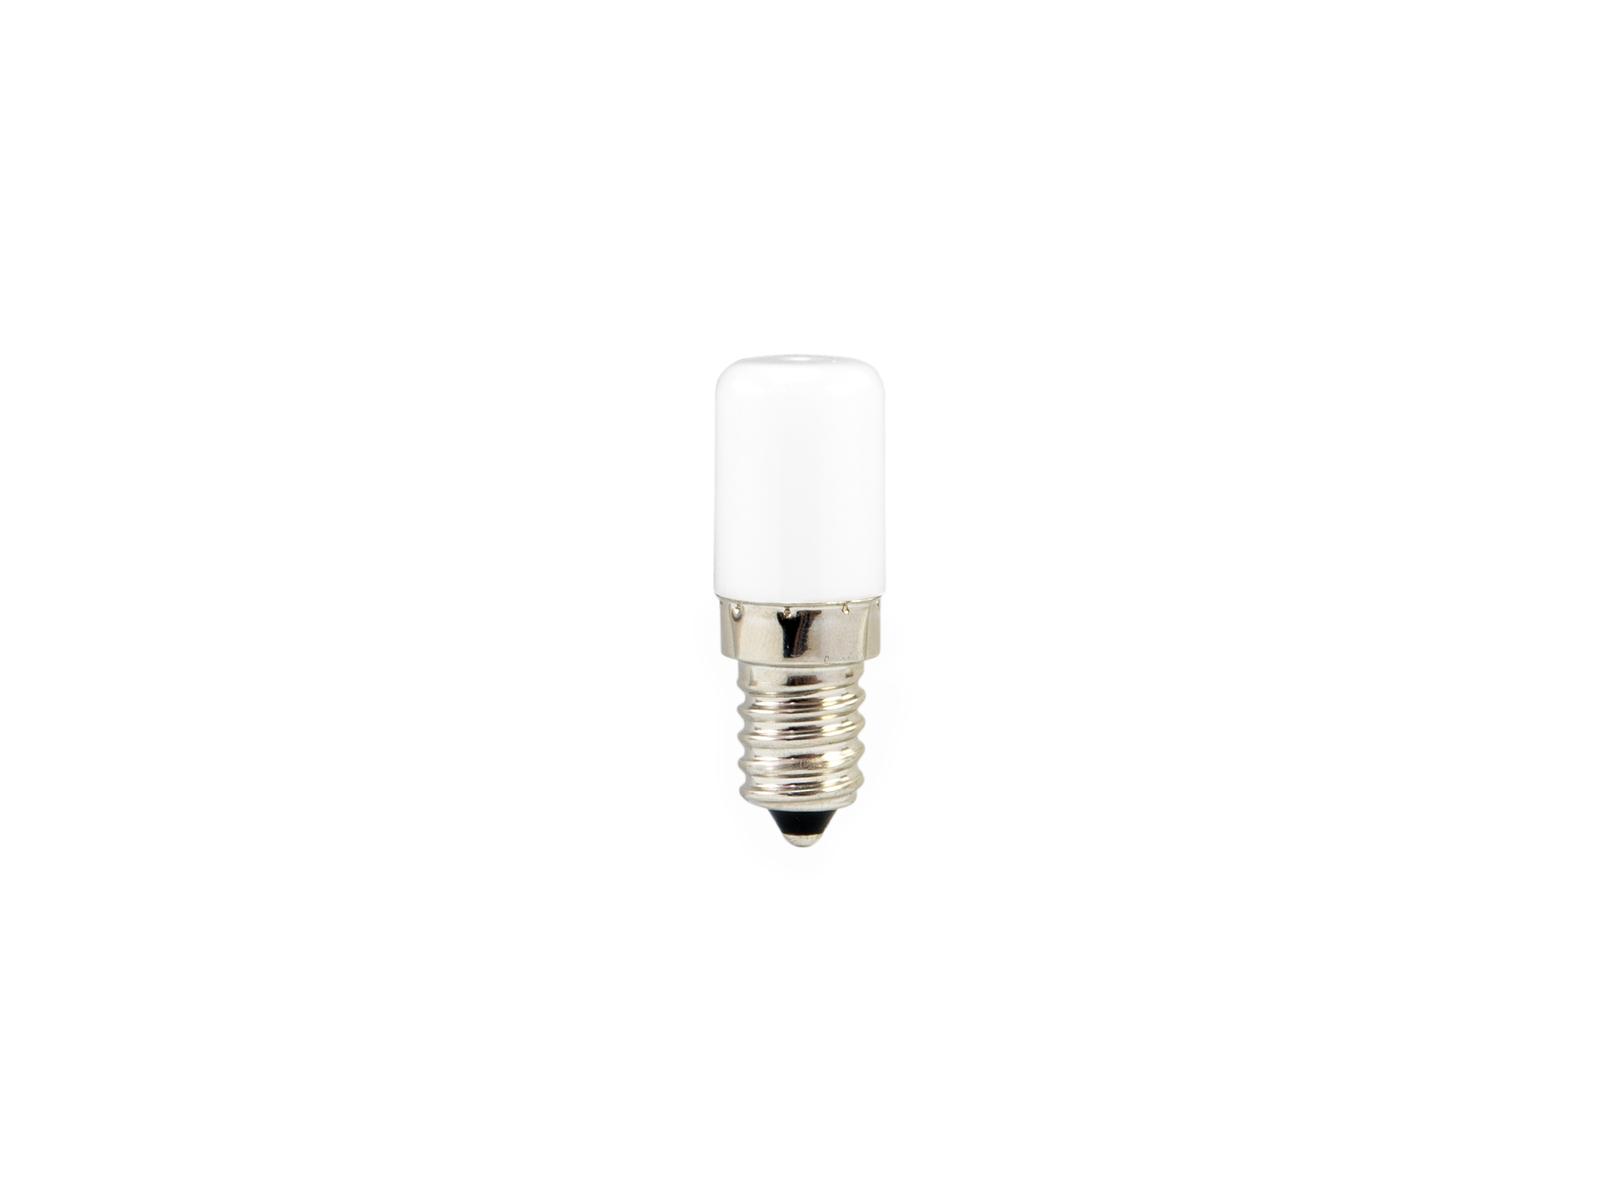 omnilux-led-mini-lampe-230v-e-14-blau